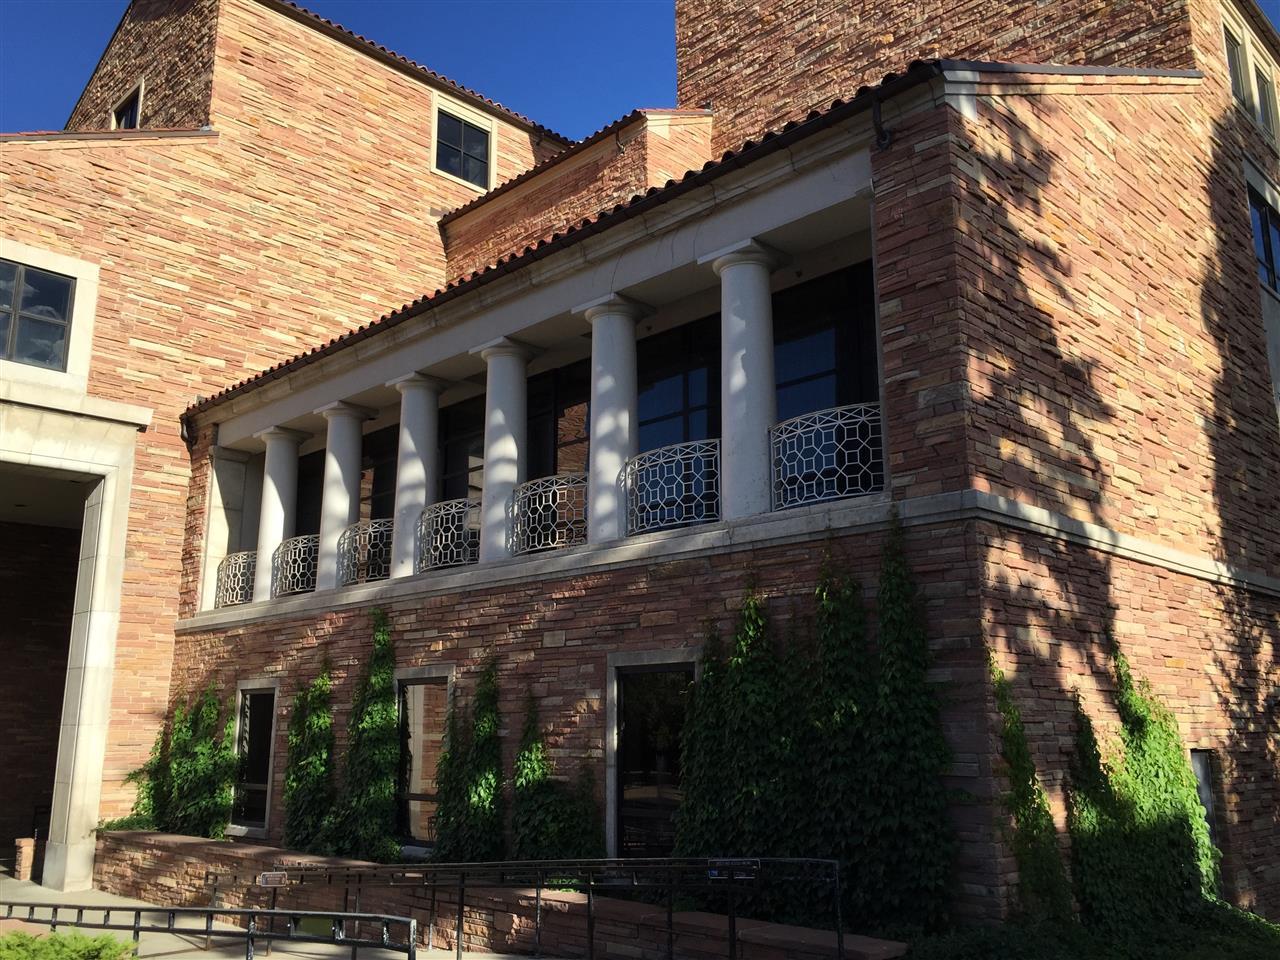 University of Colorado, Boulder, CO